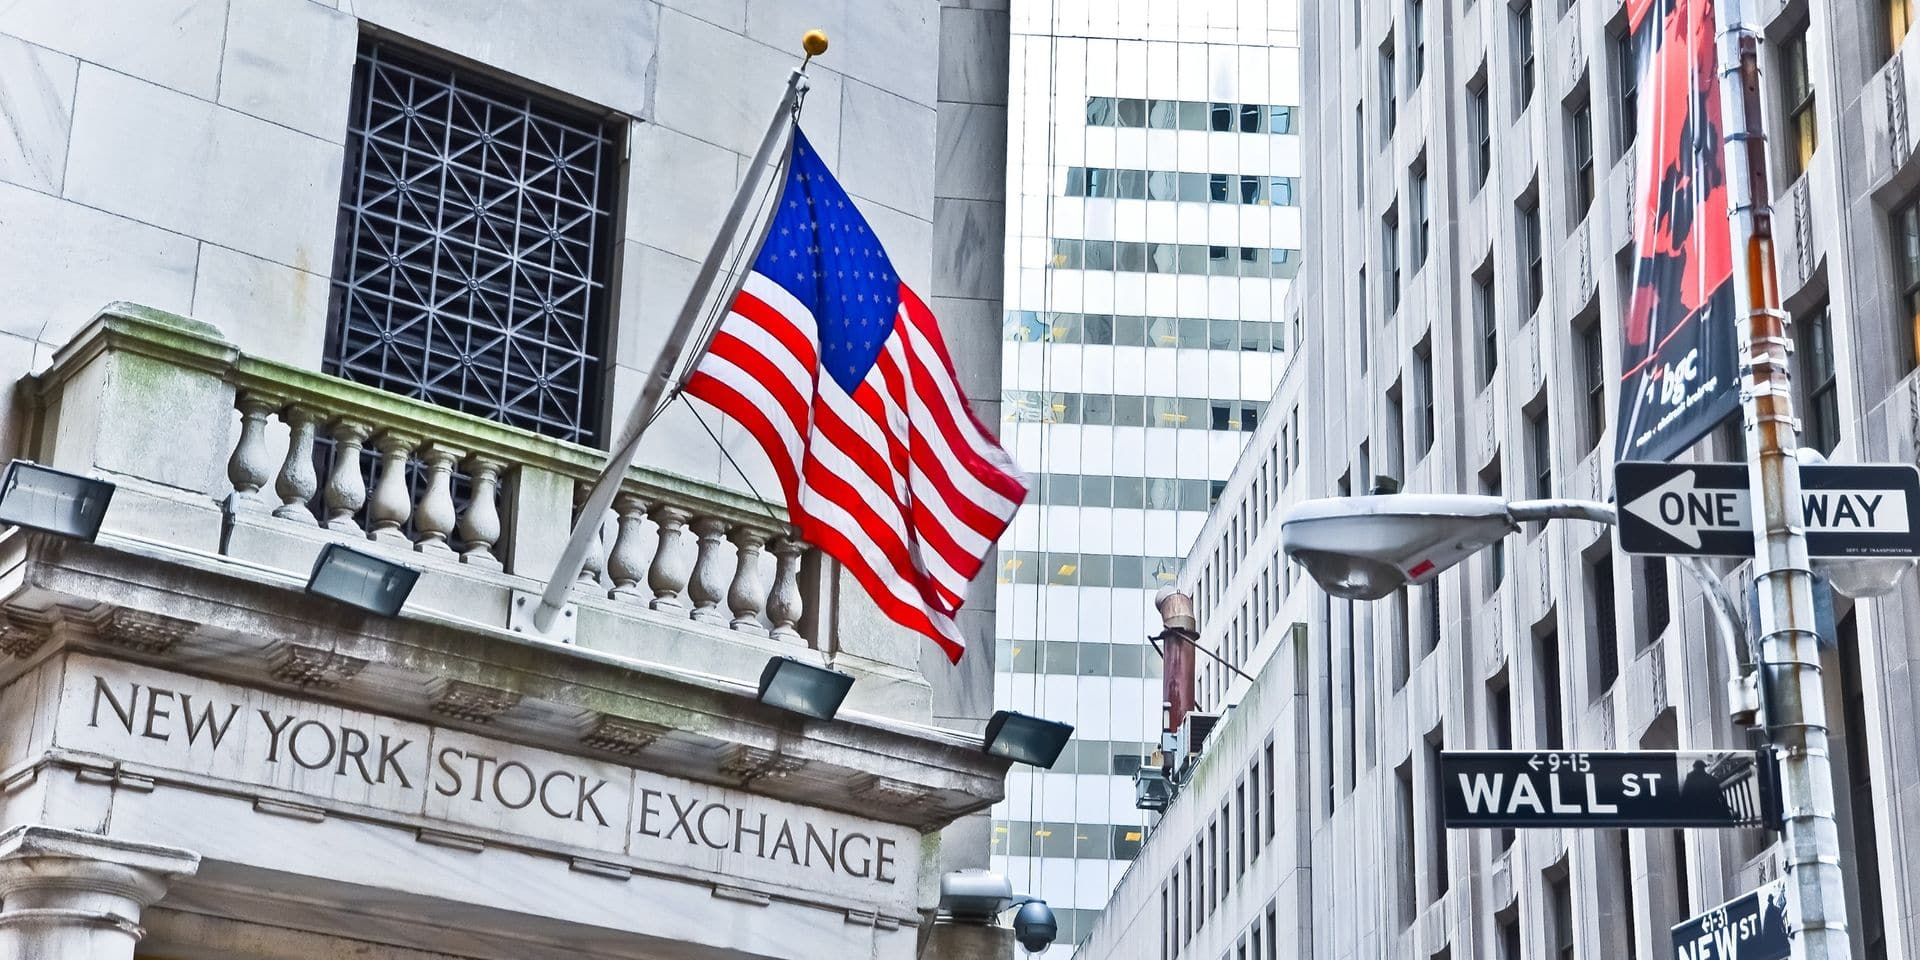 Wall Street ouvre dans le vert après un coup d'arrêt la veille